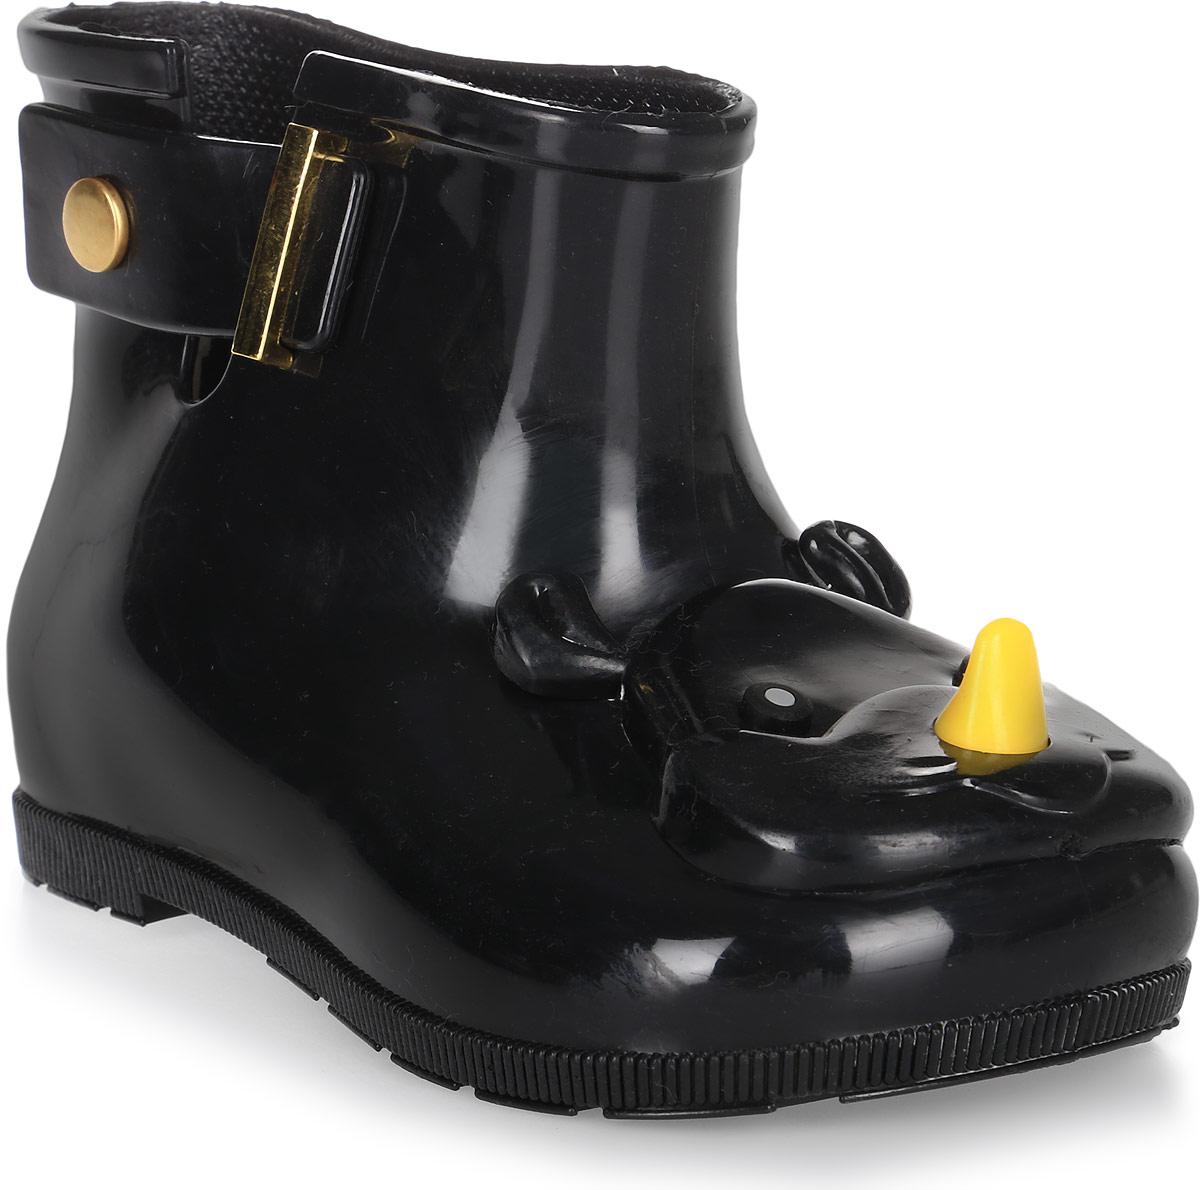 Сапоги резиновые детские Vitacci, цвет: черный. 23001-3. Размер 2423001-3Детские резиновые сапоги от Vitacci - идеальная обувь в дождливую погоду для вашего ребенка. Модель выполнена из силикона и оформлена на носке декоративным элементом в виде головы носорога. Подошва из резины дополнена рифлением.